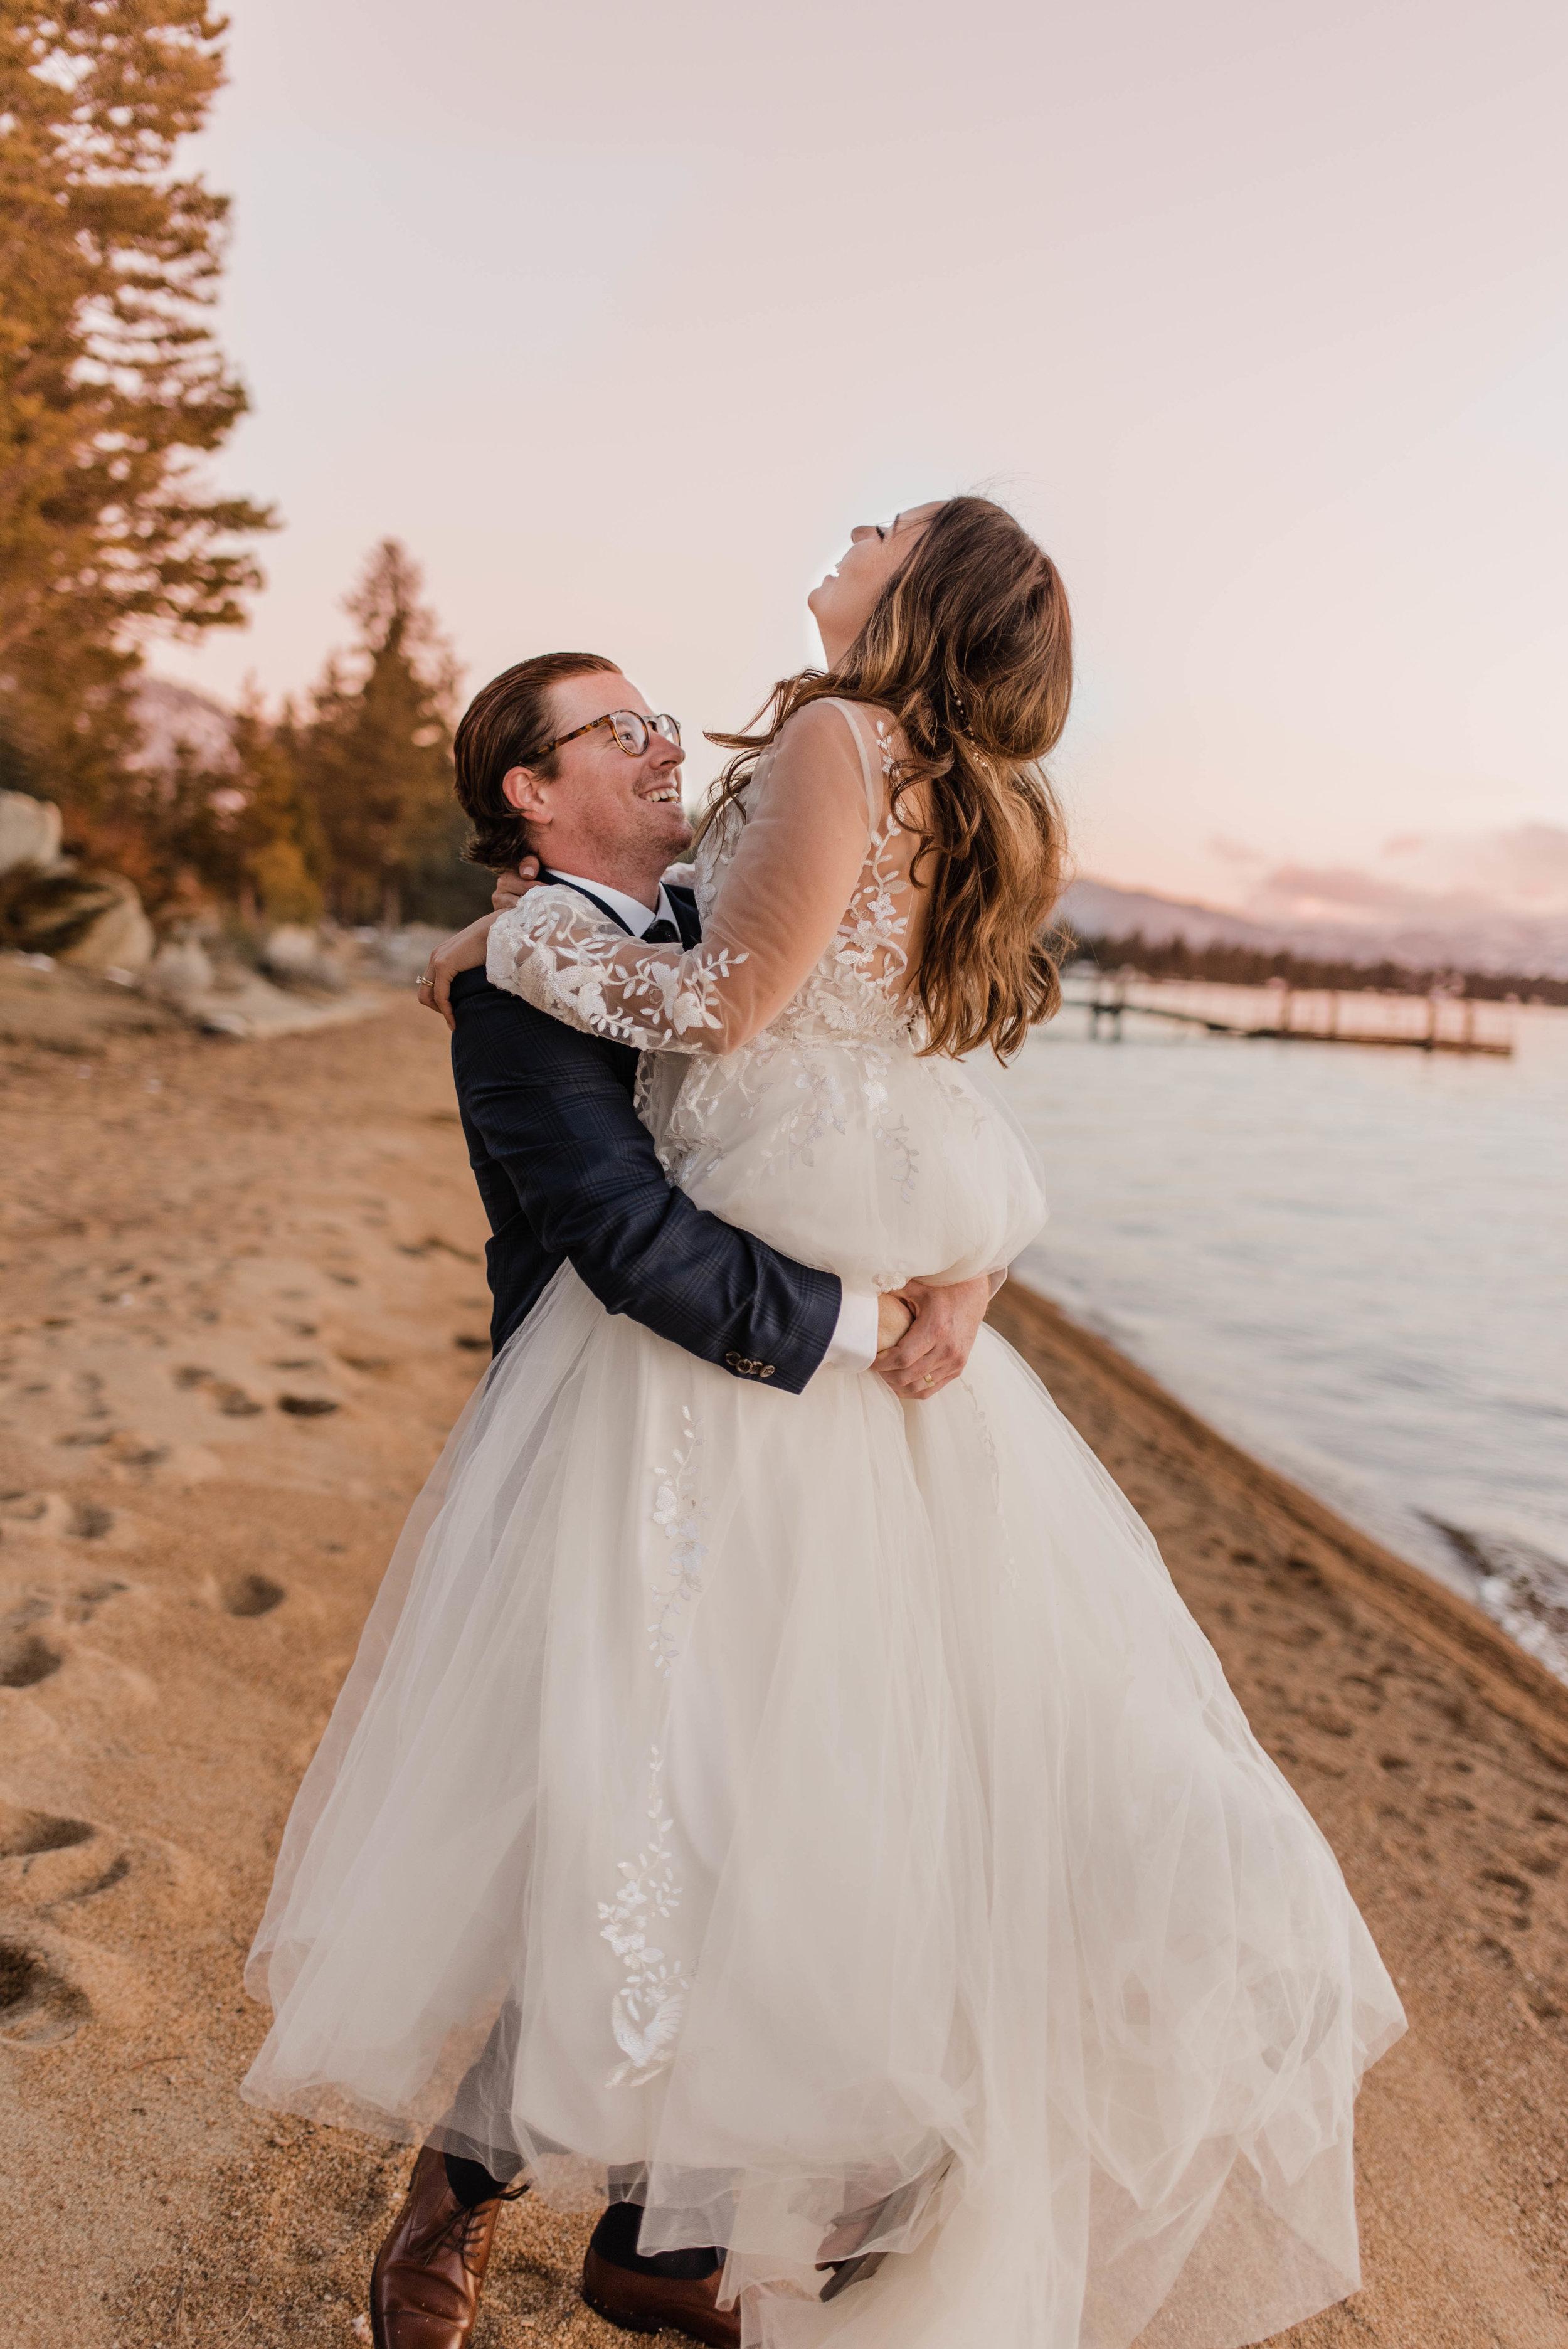 Matt & Ariana // Edgewood Tahoe Lake Tahoe